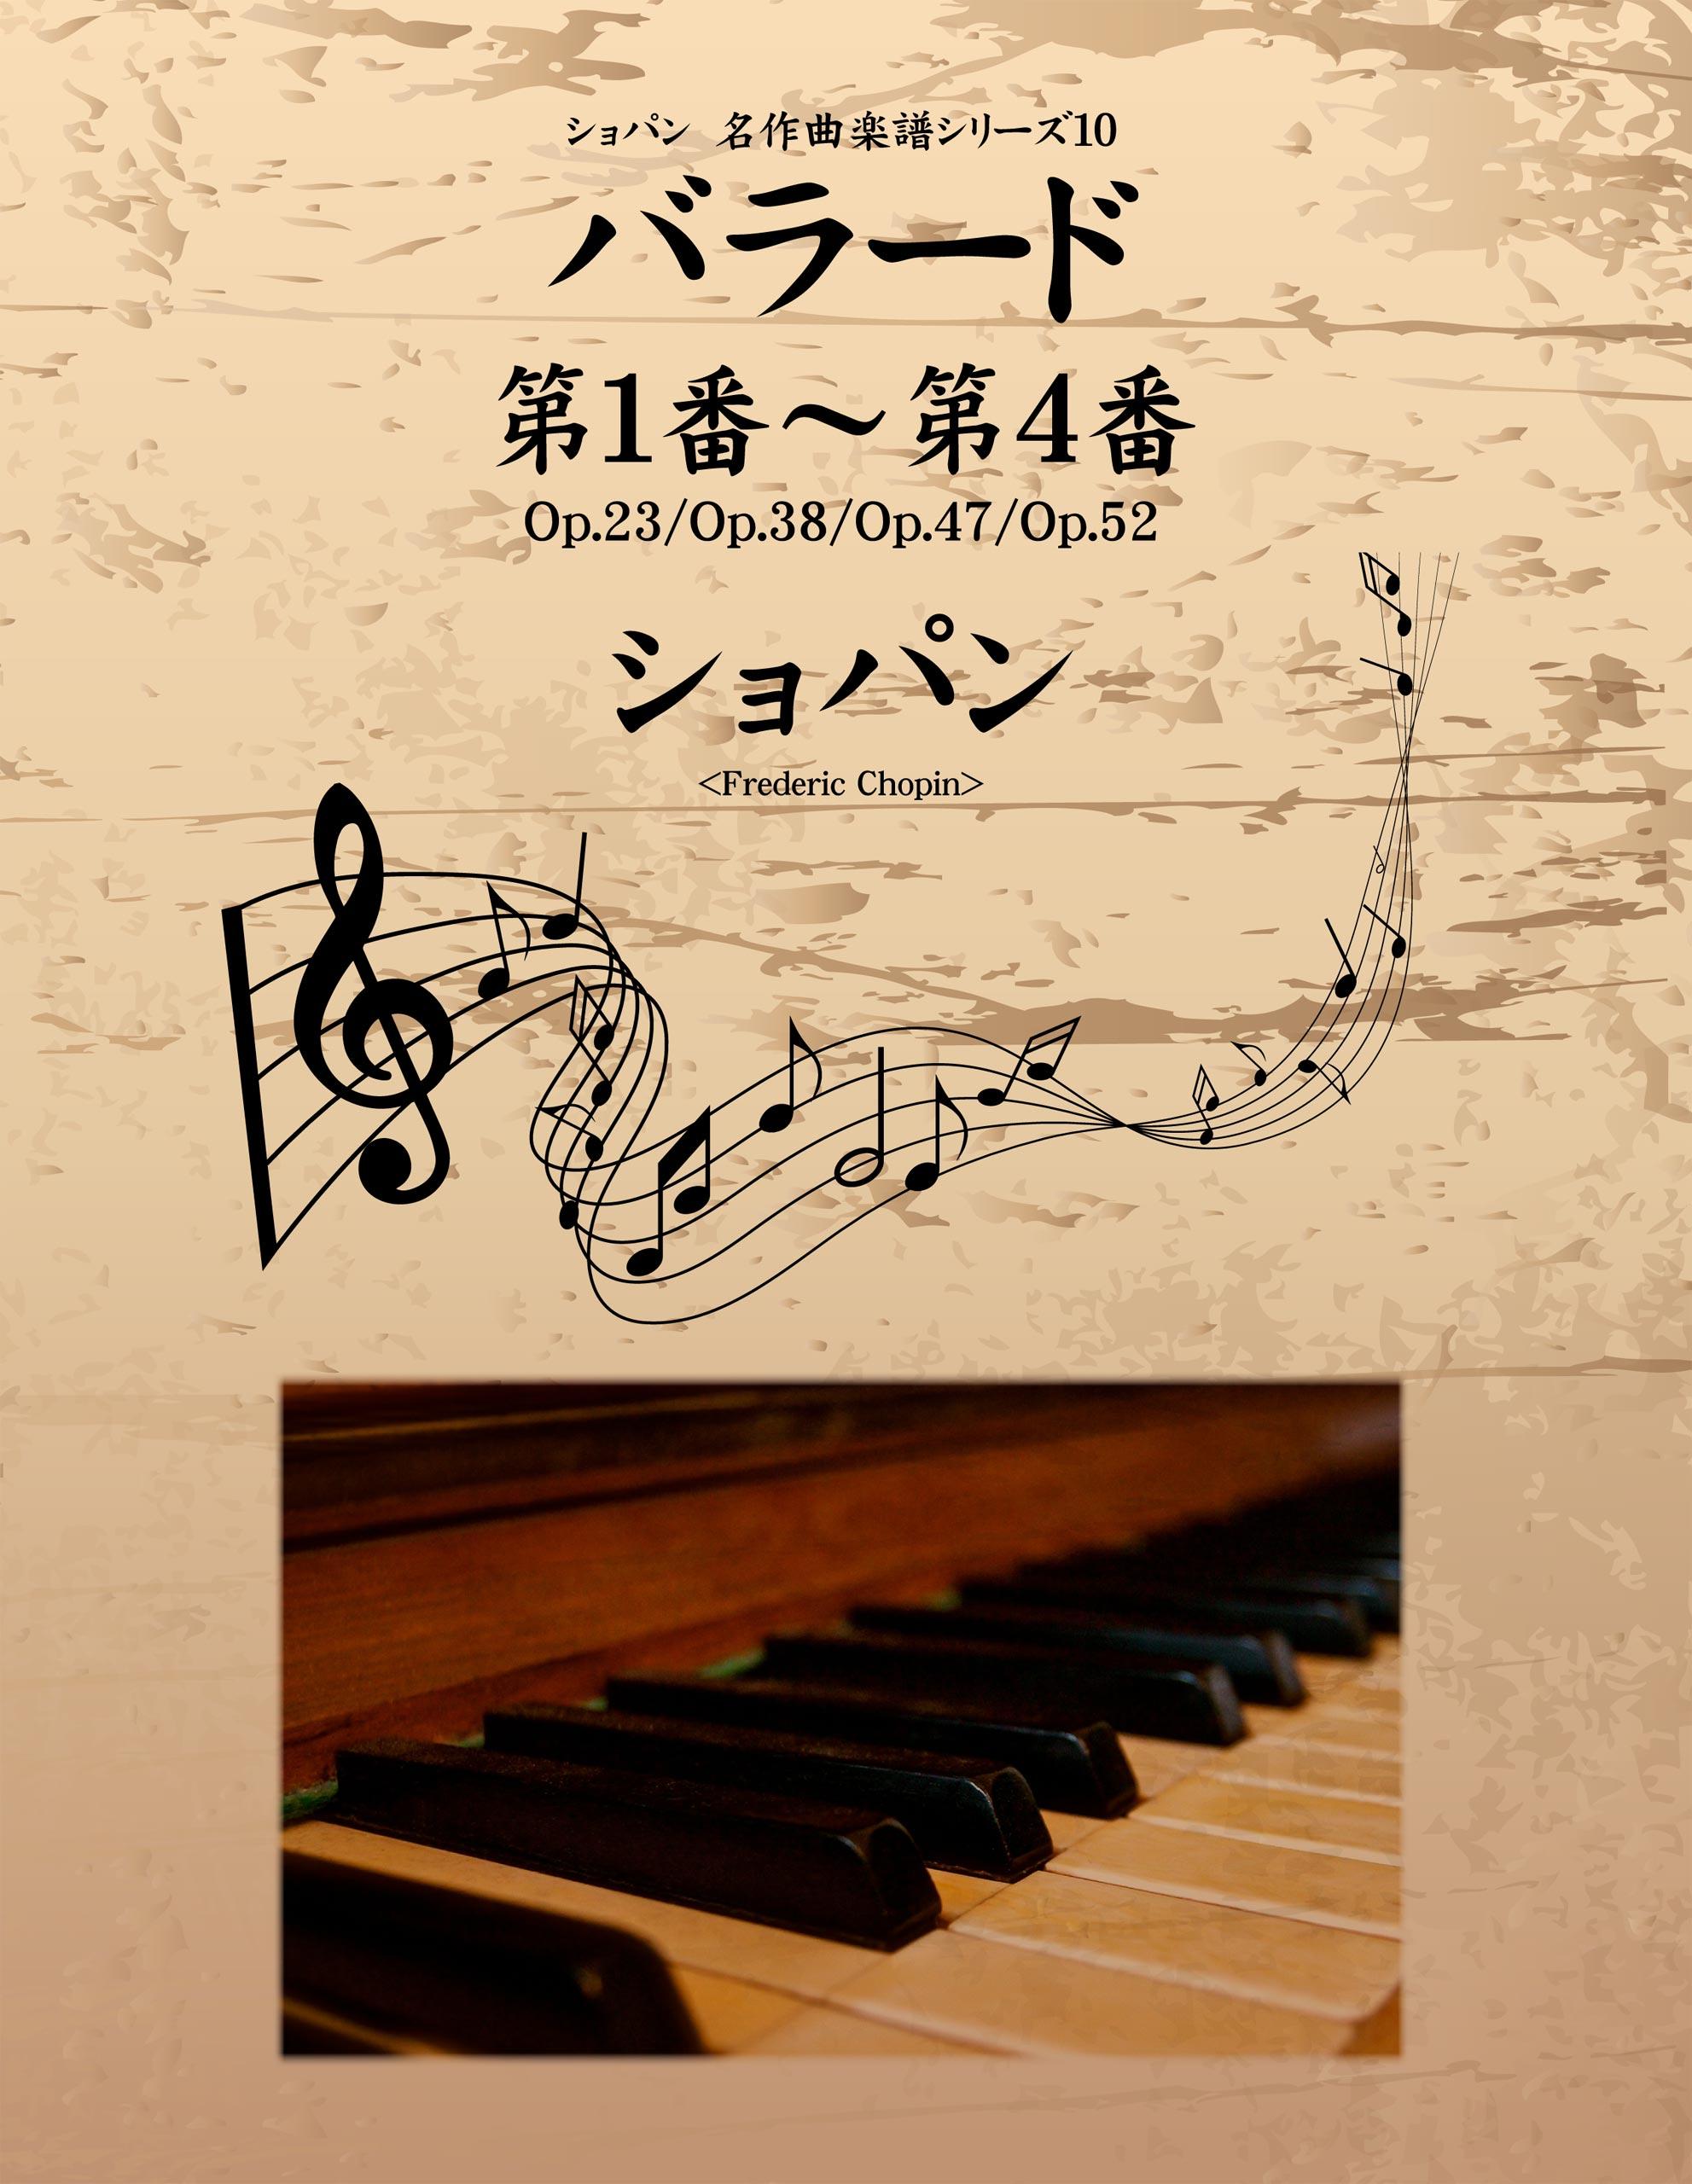 ショパン 名作曲楽譜シリーズ10 バラード第1番~第4番 Op.23/Op.38/Op.47/Op.52